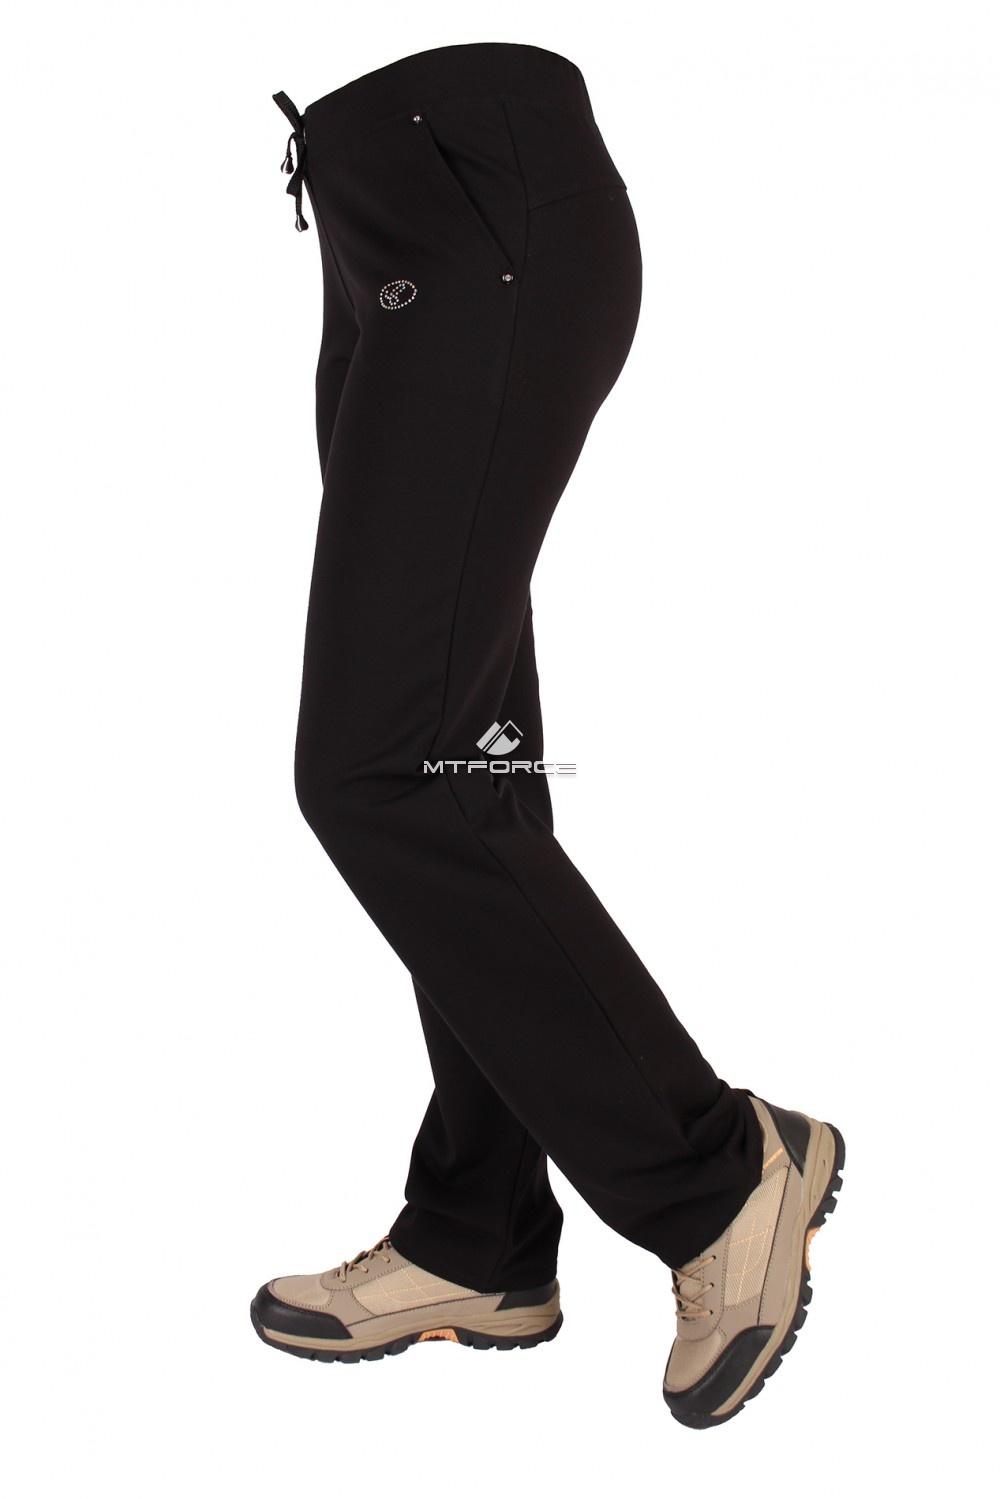 Купить                                      оптом Брюки трикотажные женские черного цвета 015Ch в Уфе